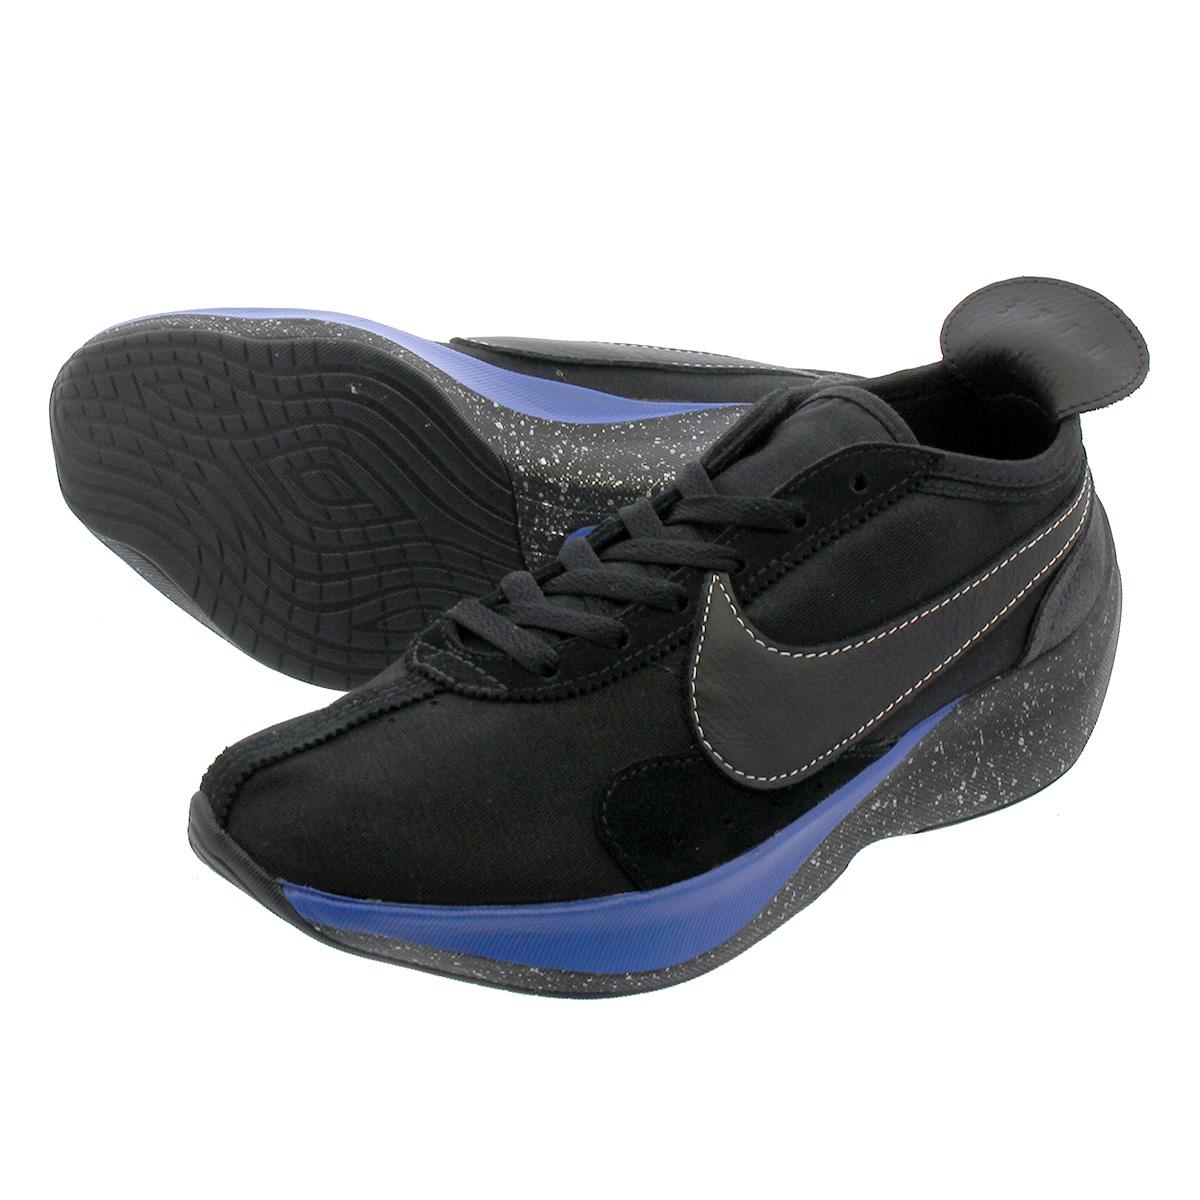 f5c5429845e NIKE MOON RACER QS Nike moon racer QS BLACK/WHITE/RACER BLUE bv7779- ...